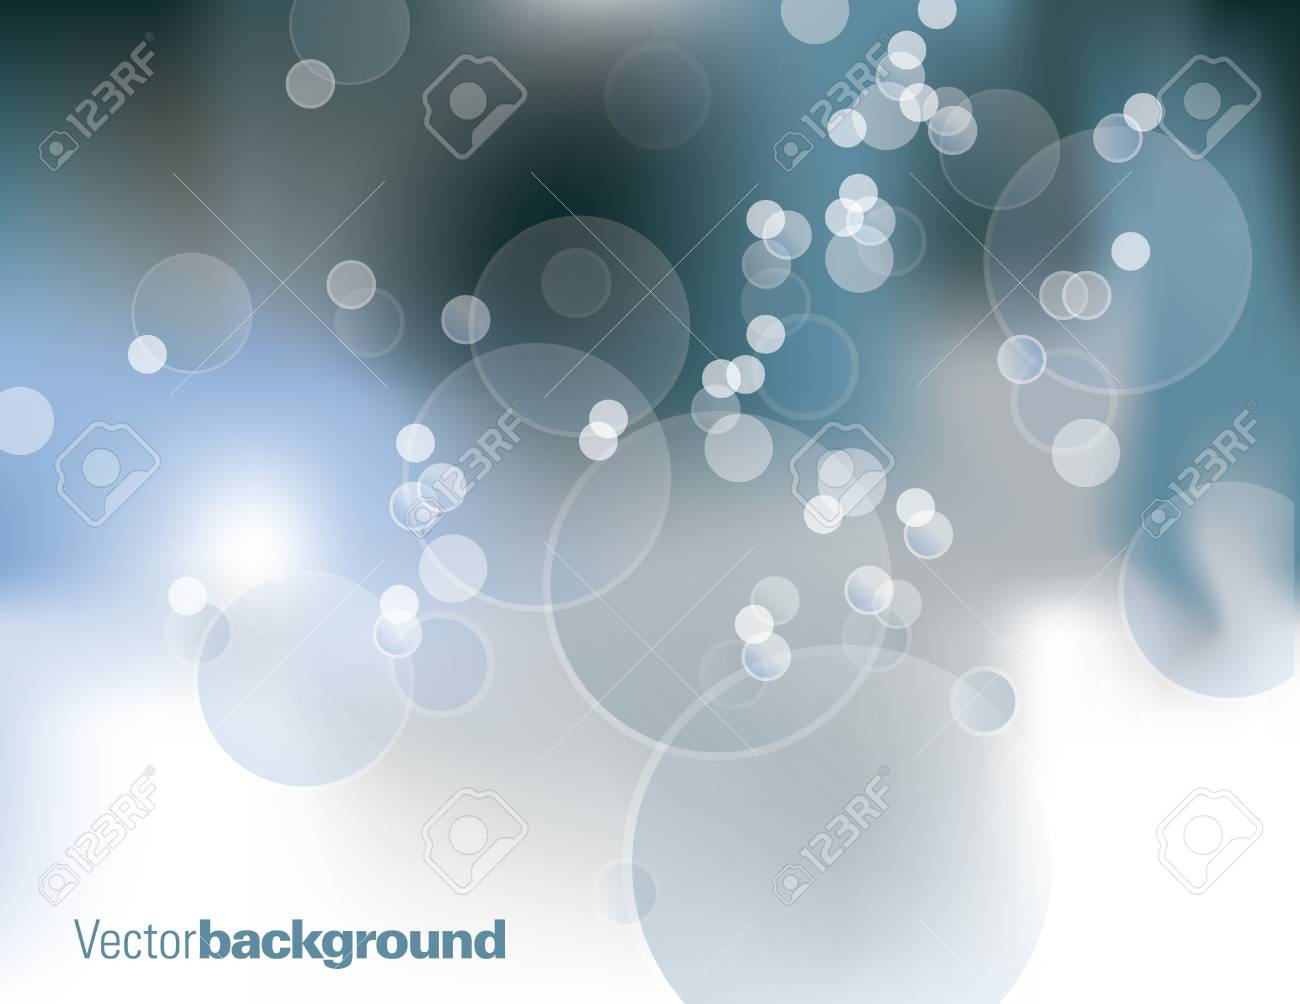 Vector Background Stock Vector - 17616695